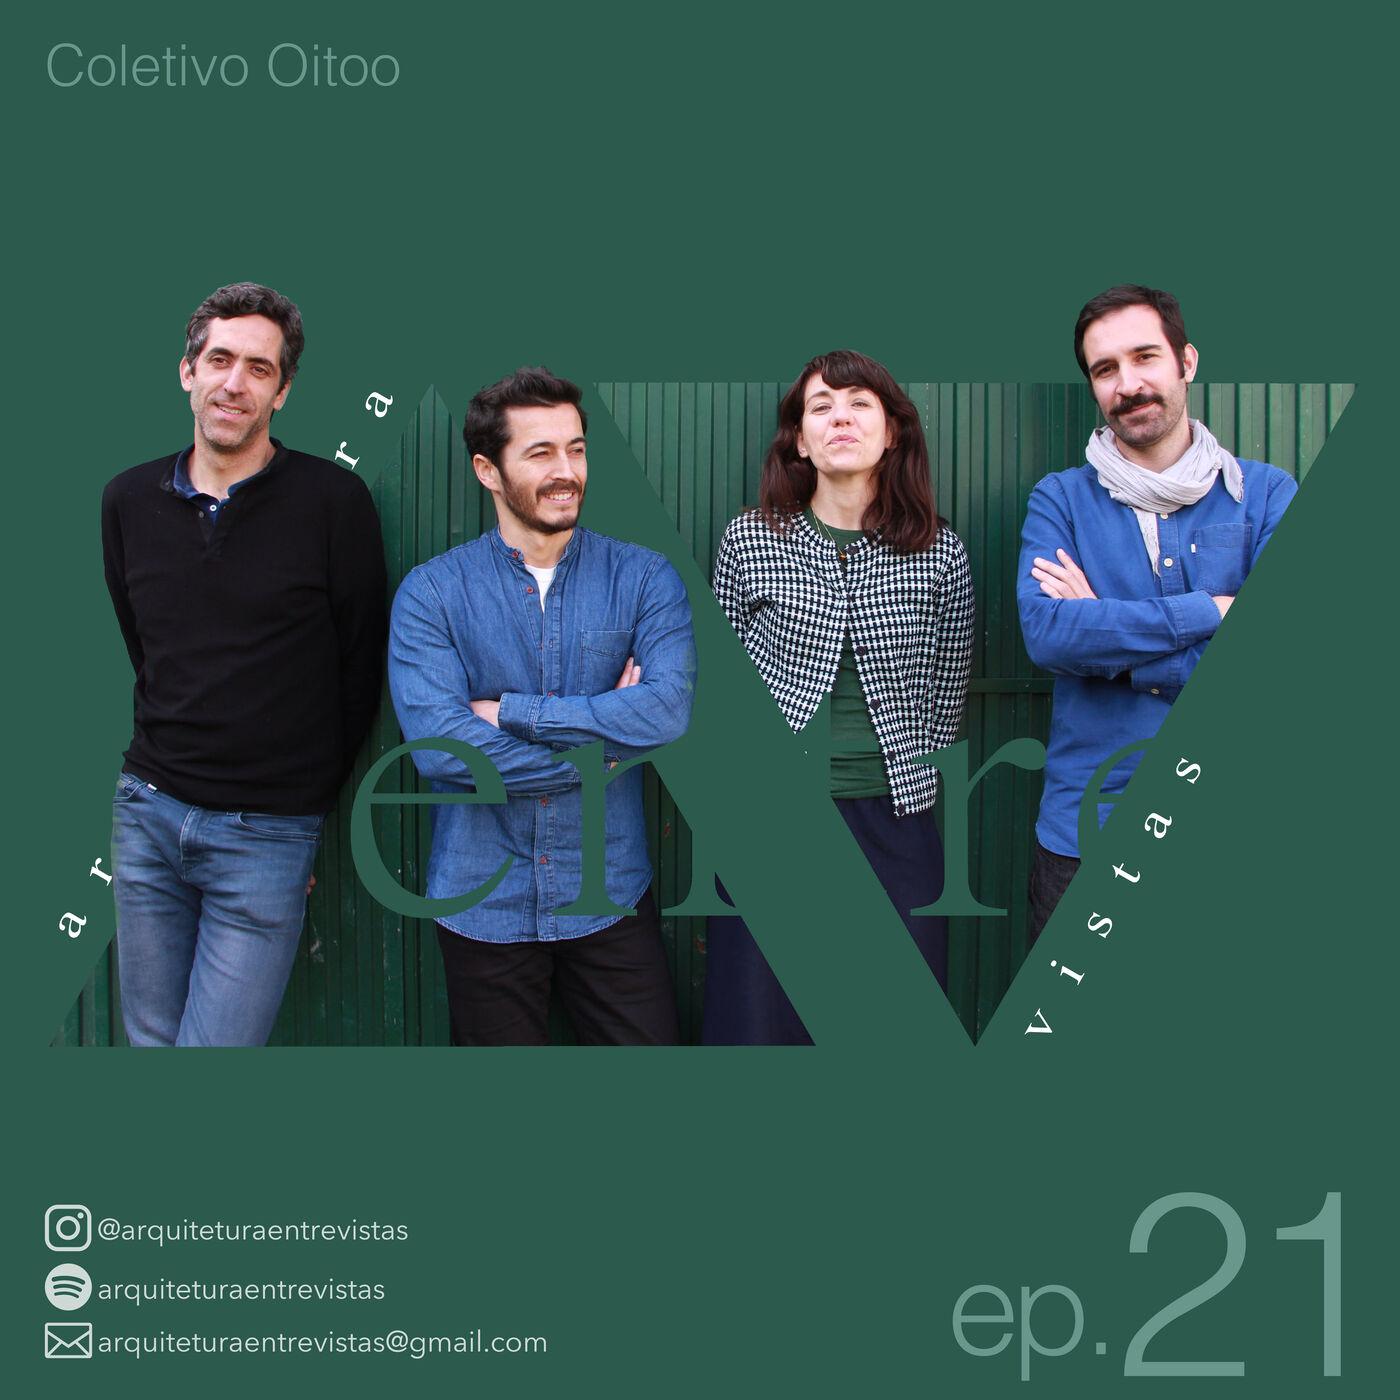 EP.21 Coletivo Oitoo, Arquitetura Entre Vistas